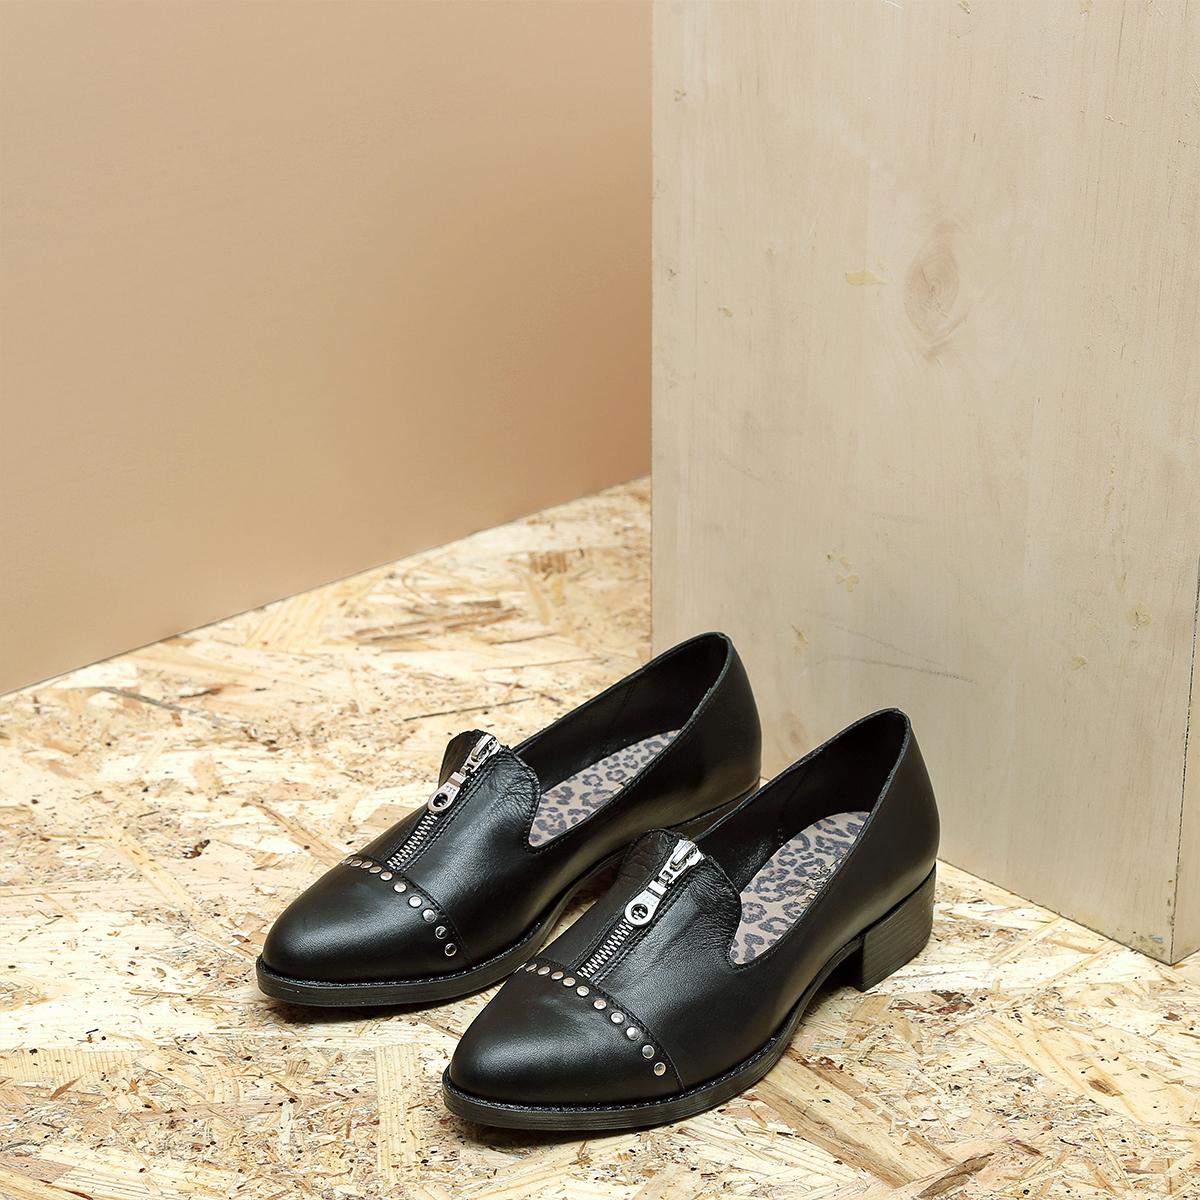 דגם ביל: נעלי אוקספורד לנשים בצבע שחור